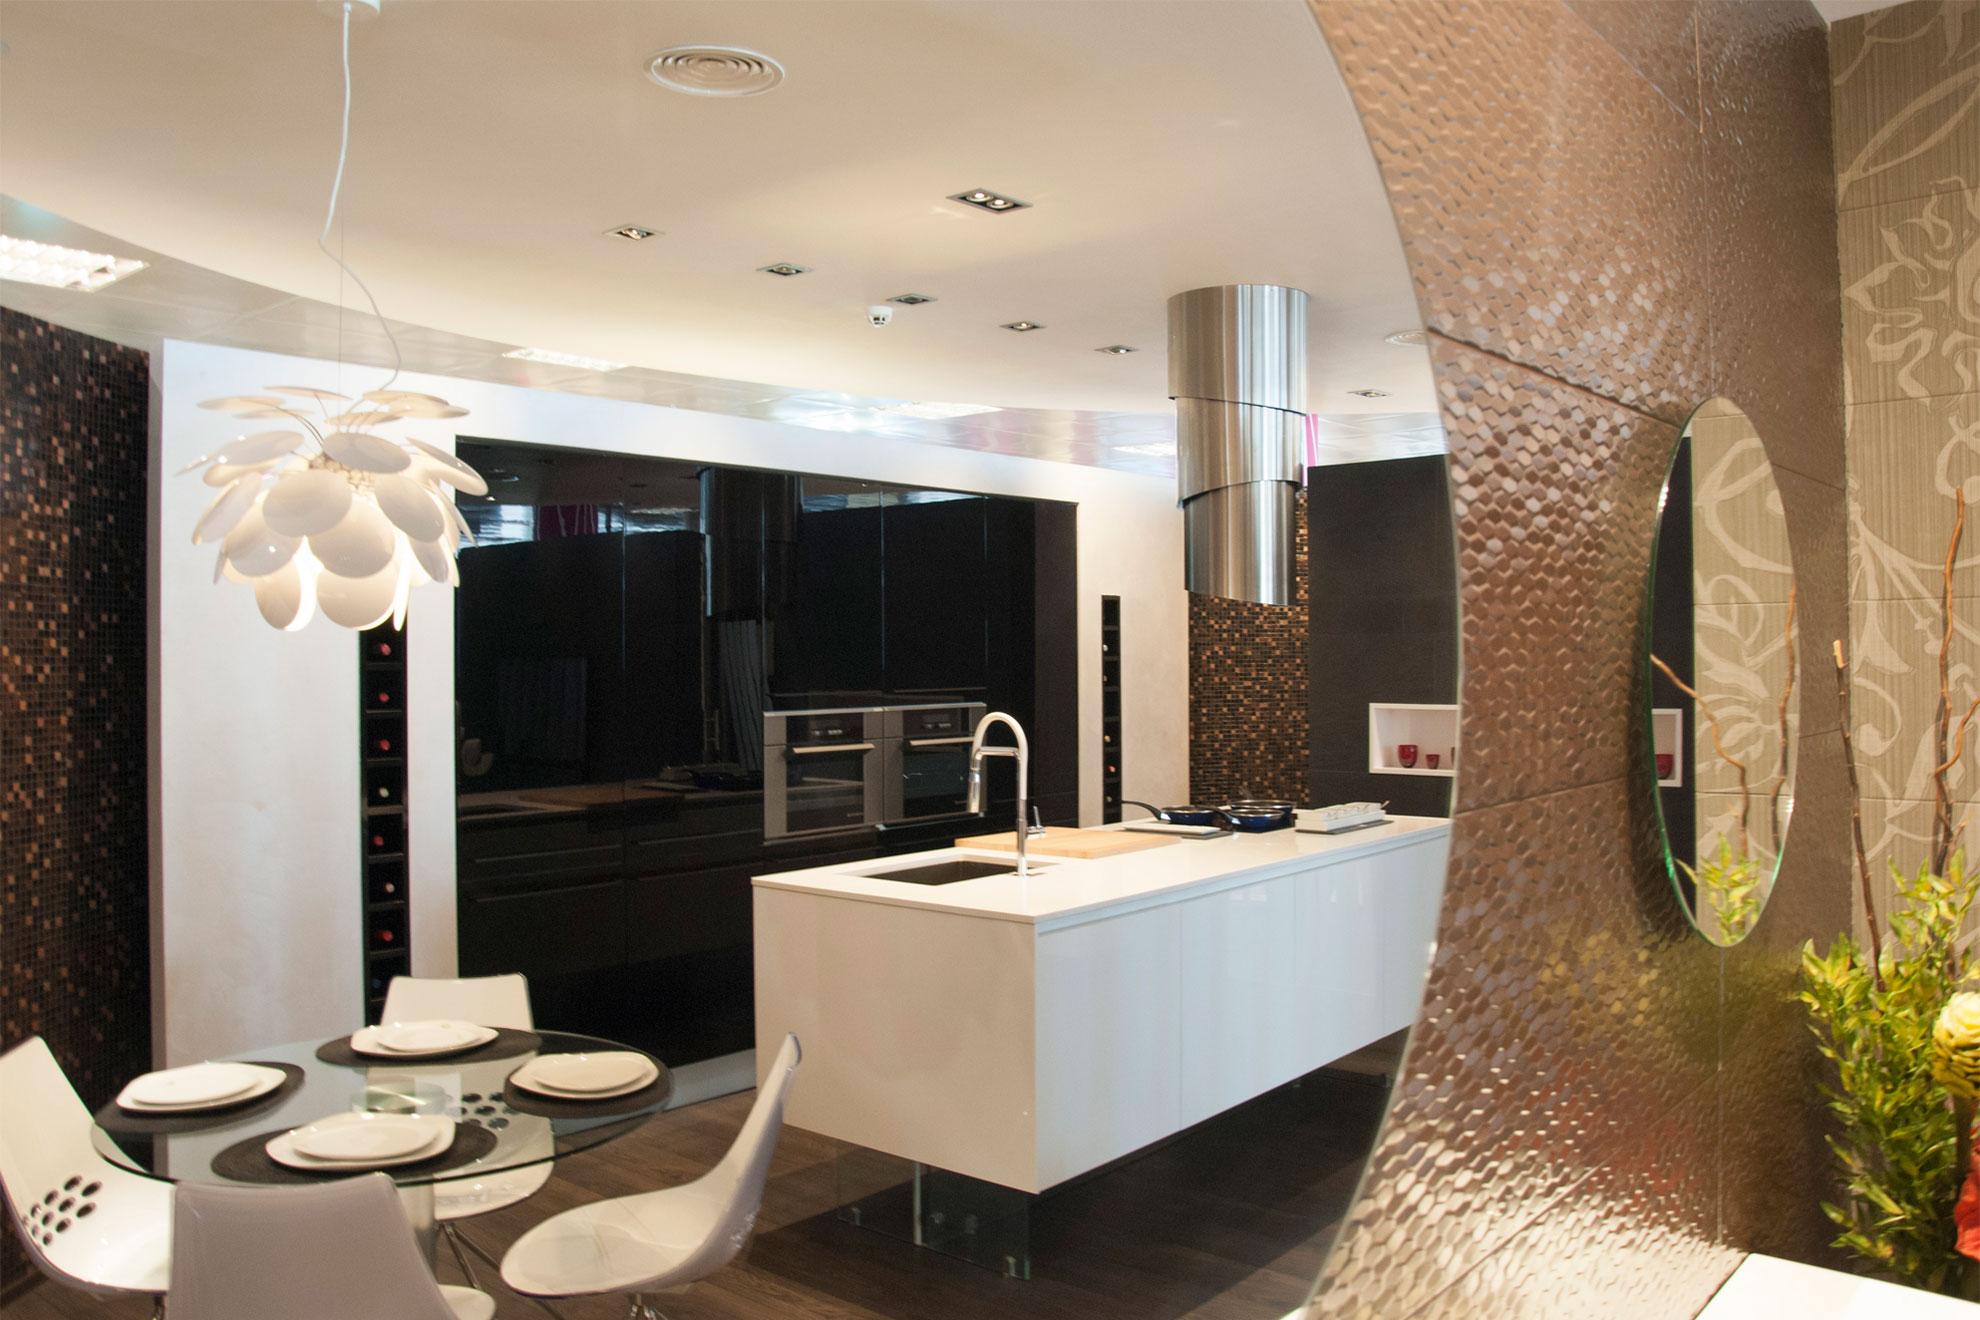 Fontgas-Terrassa-inspirate-con-ambientes-de-cocina